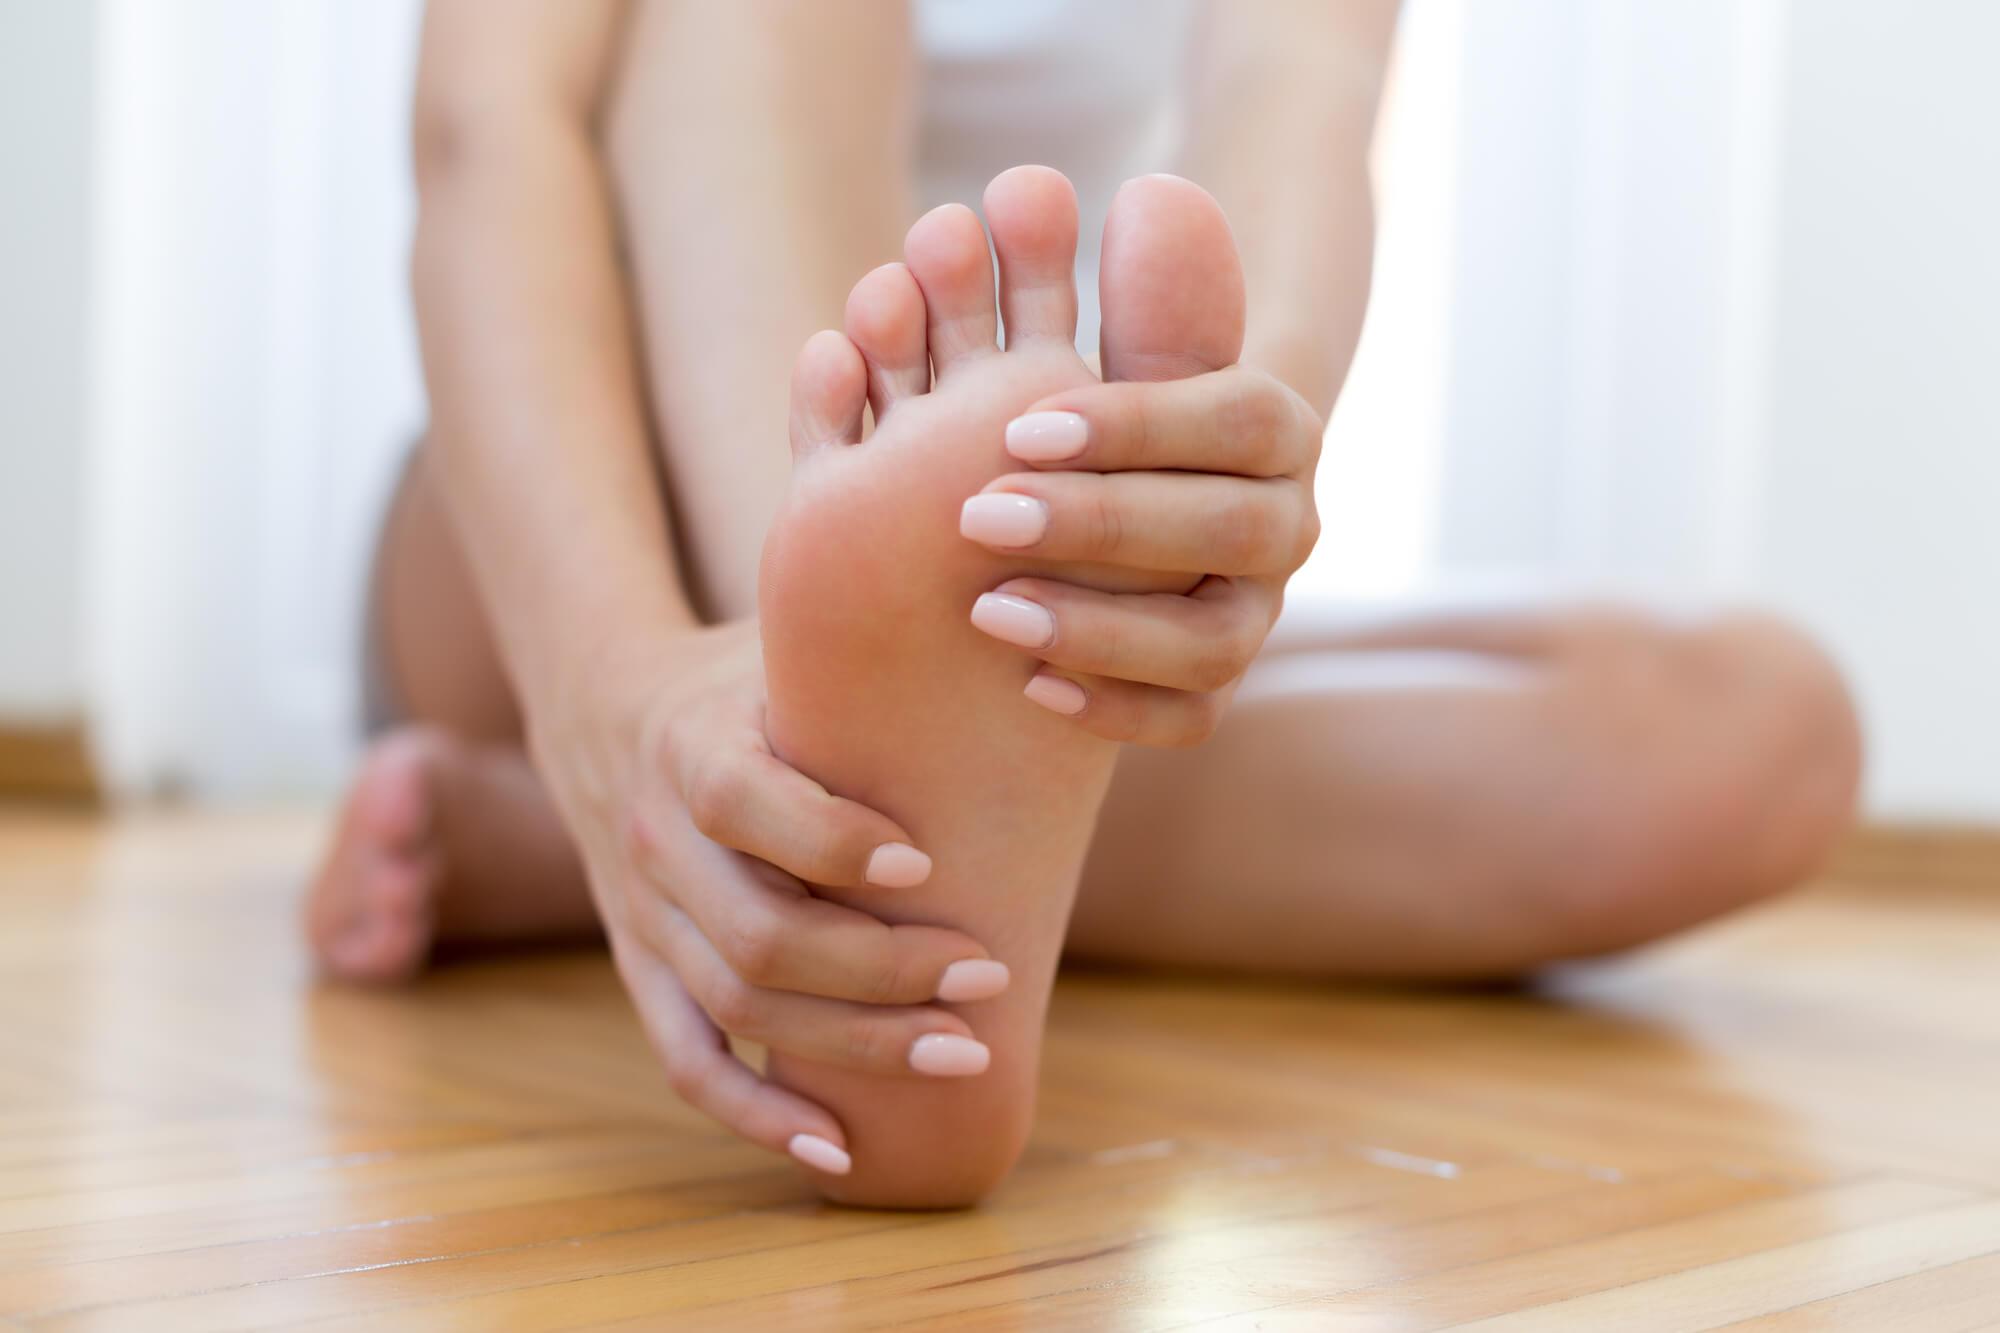 Diabetiker fasst sich an den Fuß